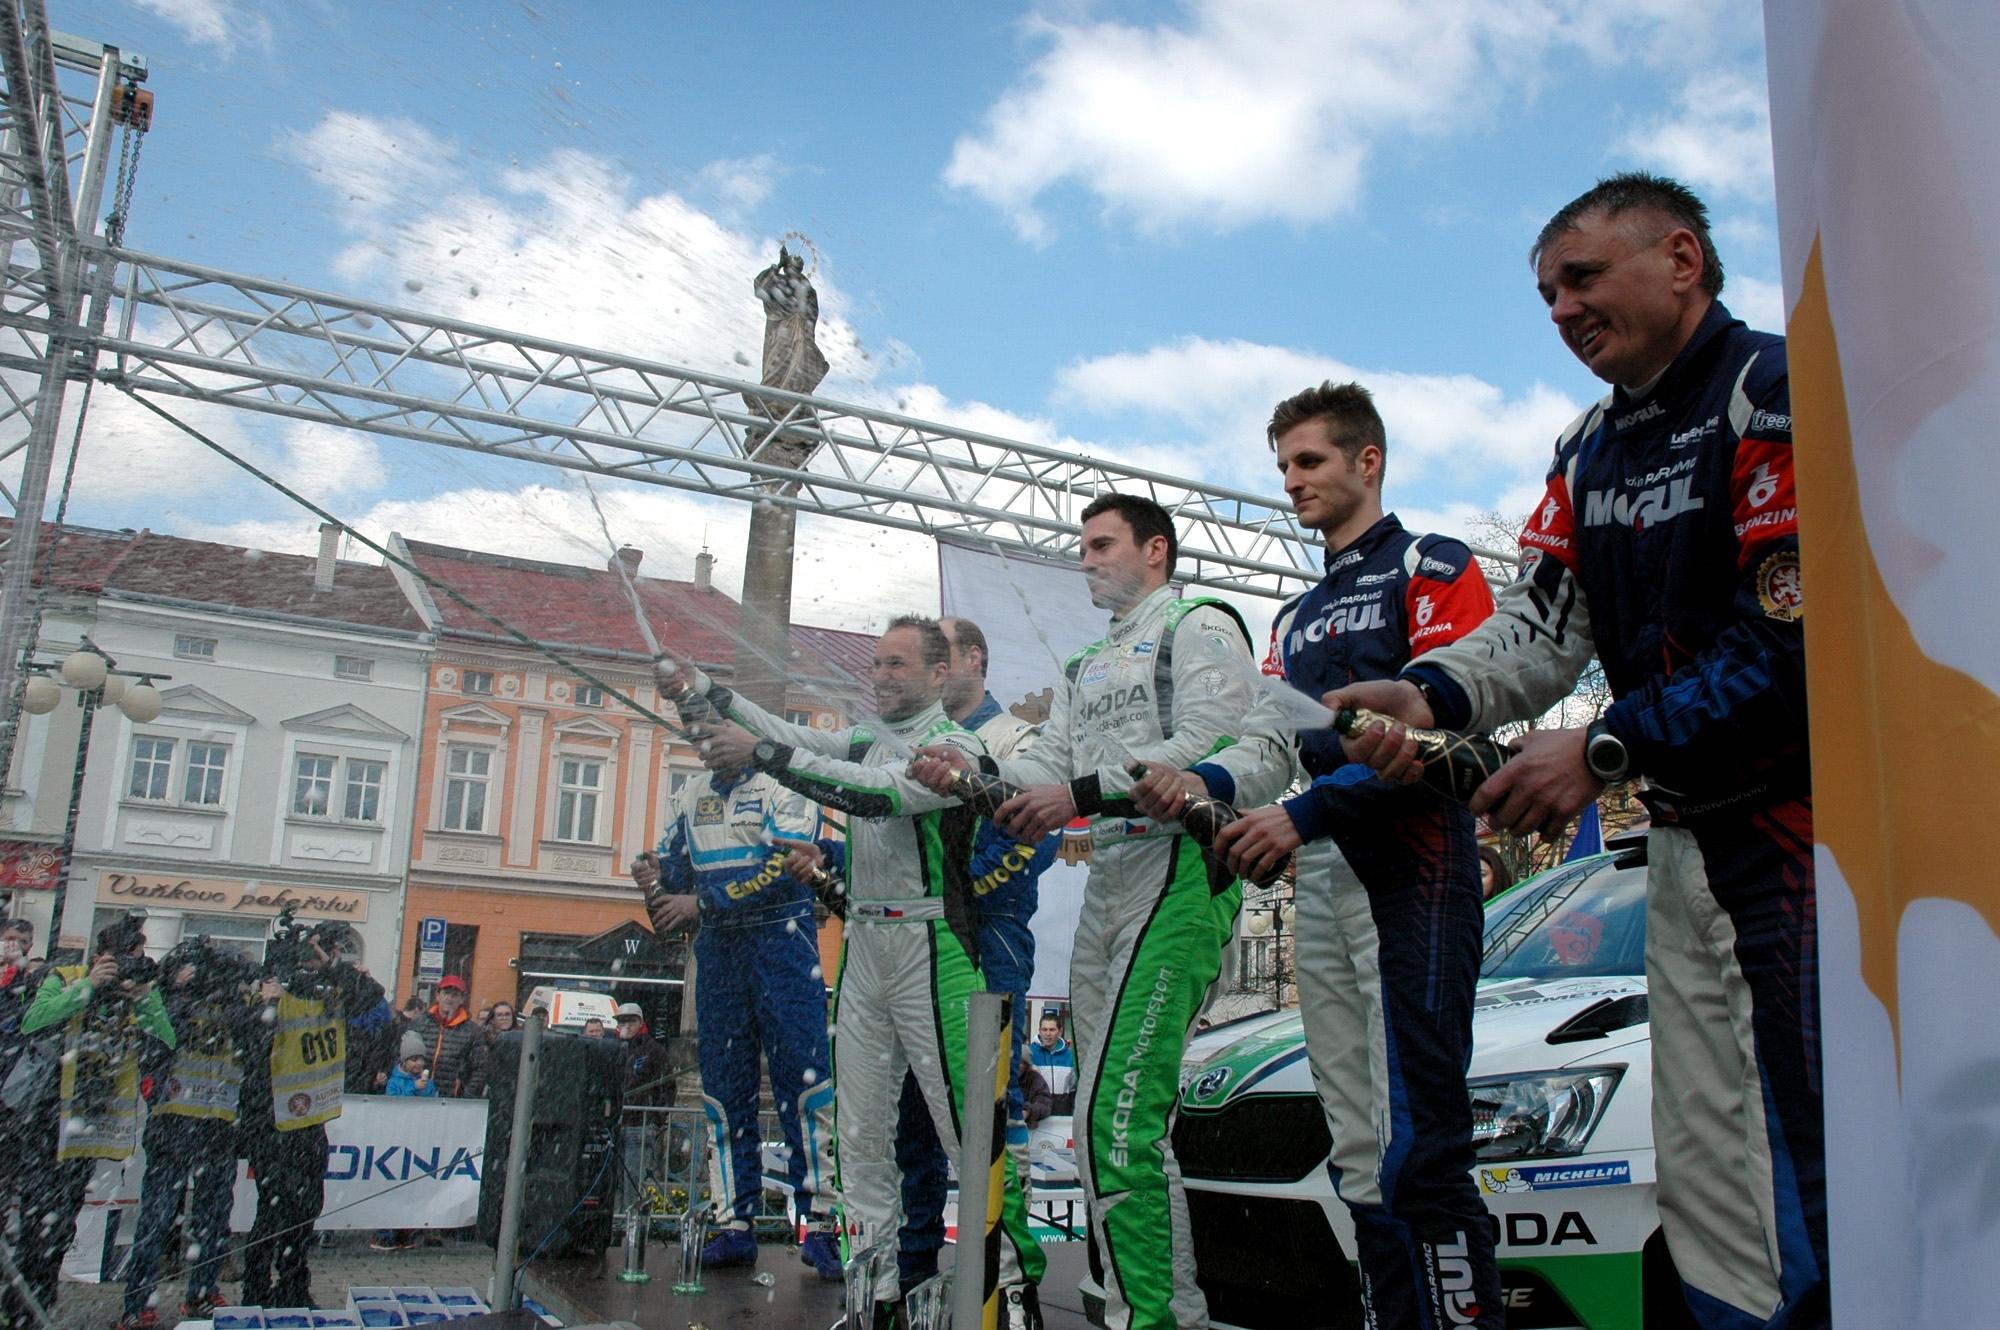 Vítězi Janča – 36. Valašské rally ValMez 2017 Jan Kopecký s Pavlem Dreslerem